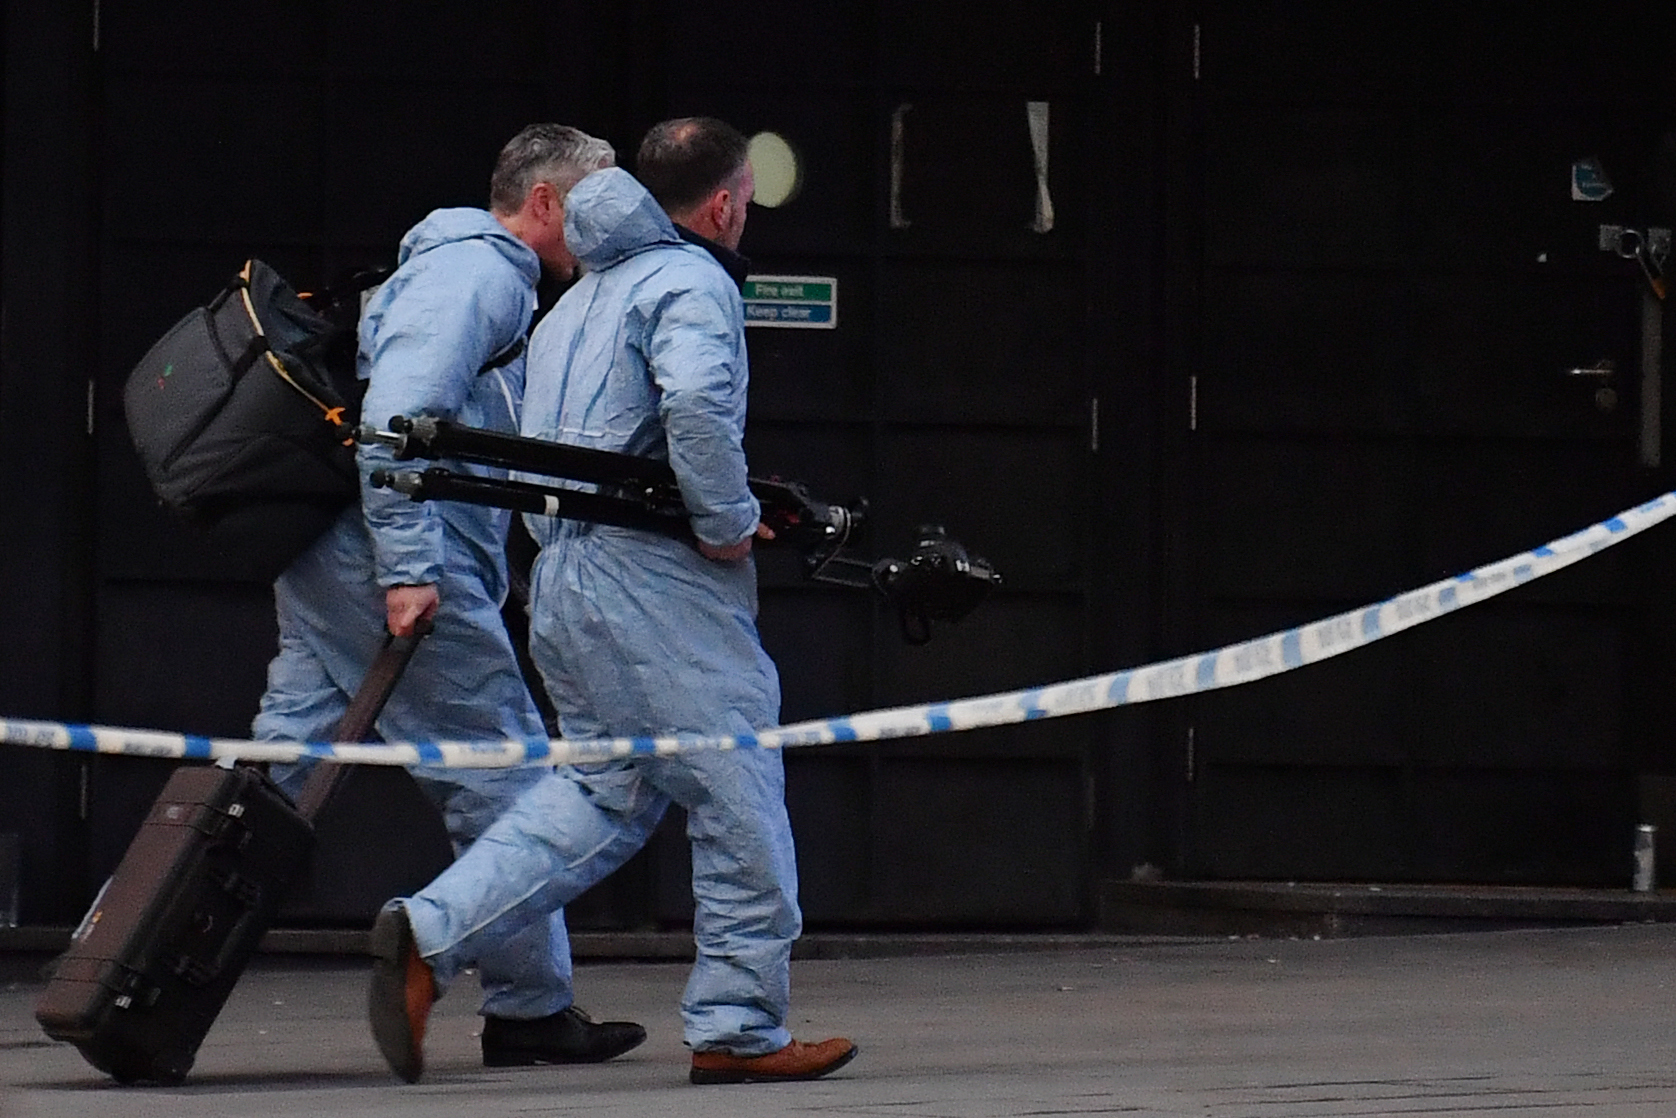 Egy terrorizmusért elítélt terrorista volt a londoni késelő